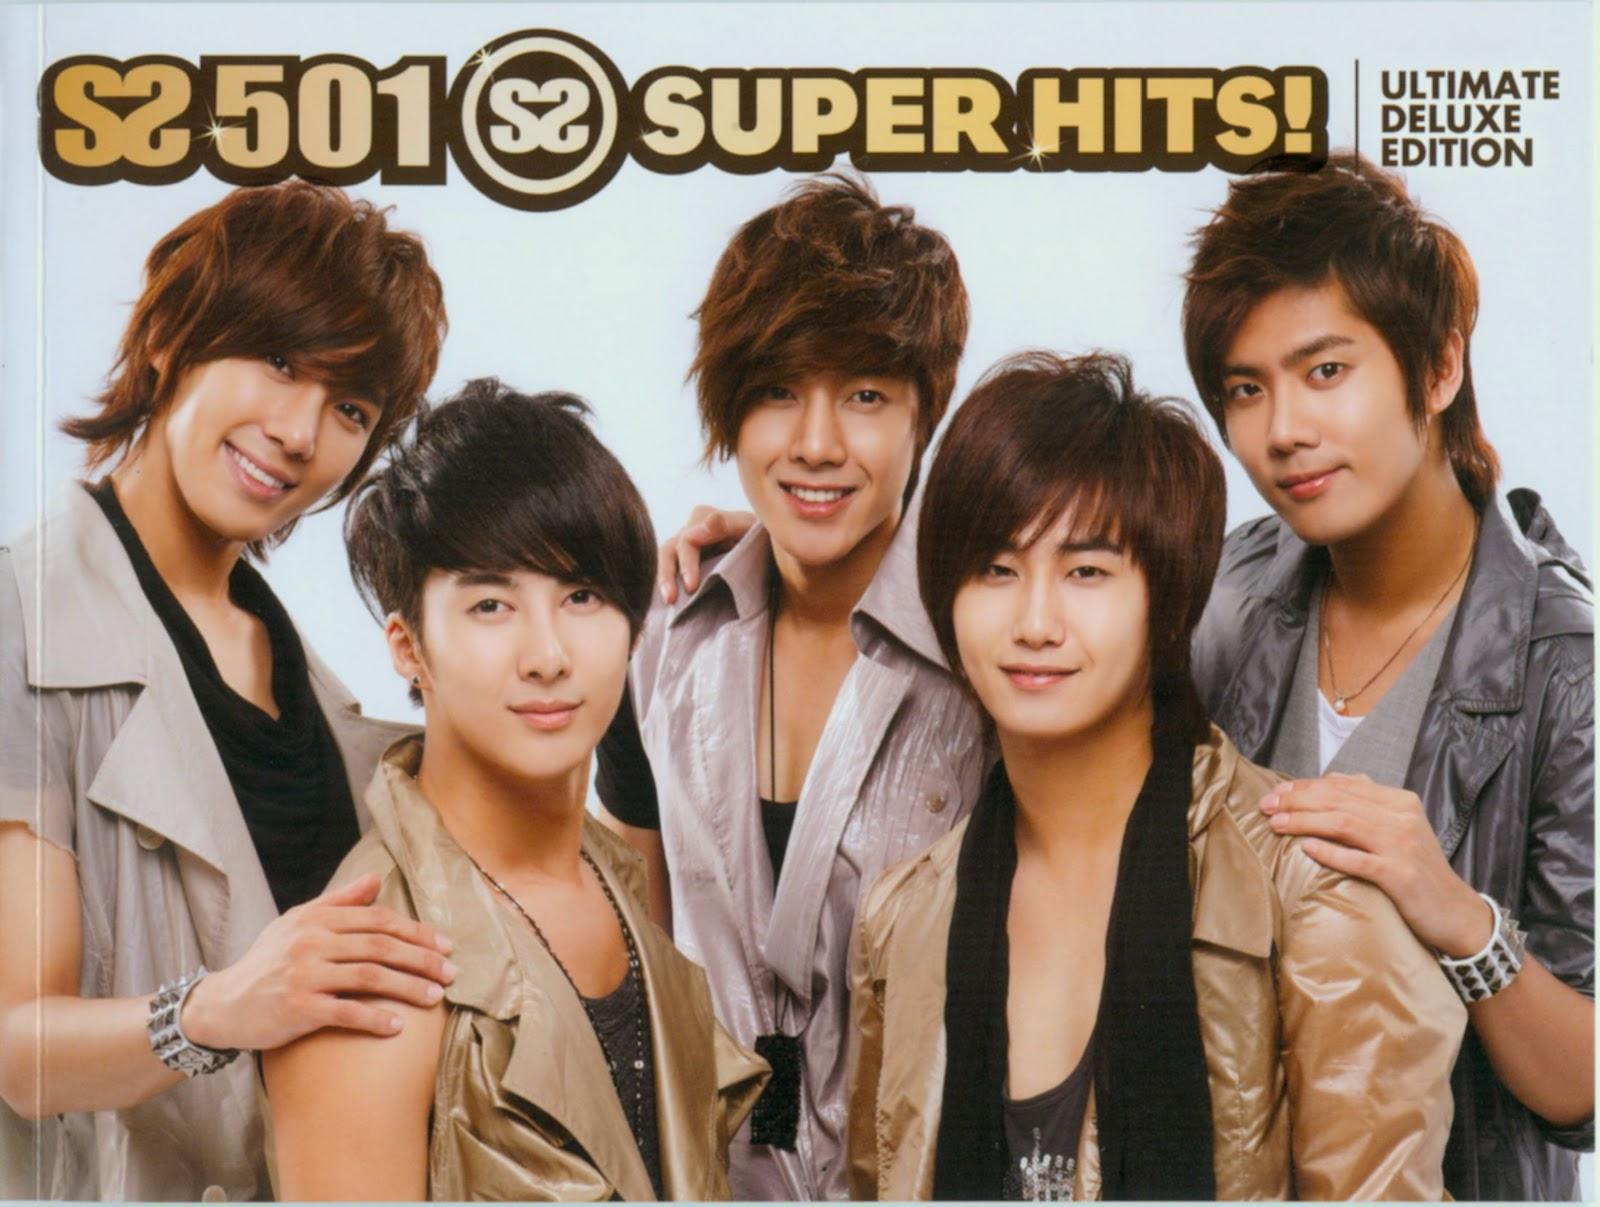 صور اعضاء ss501 الكورية 05